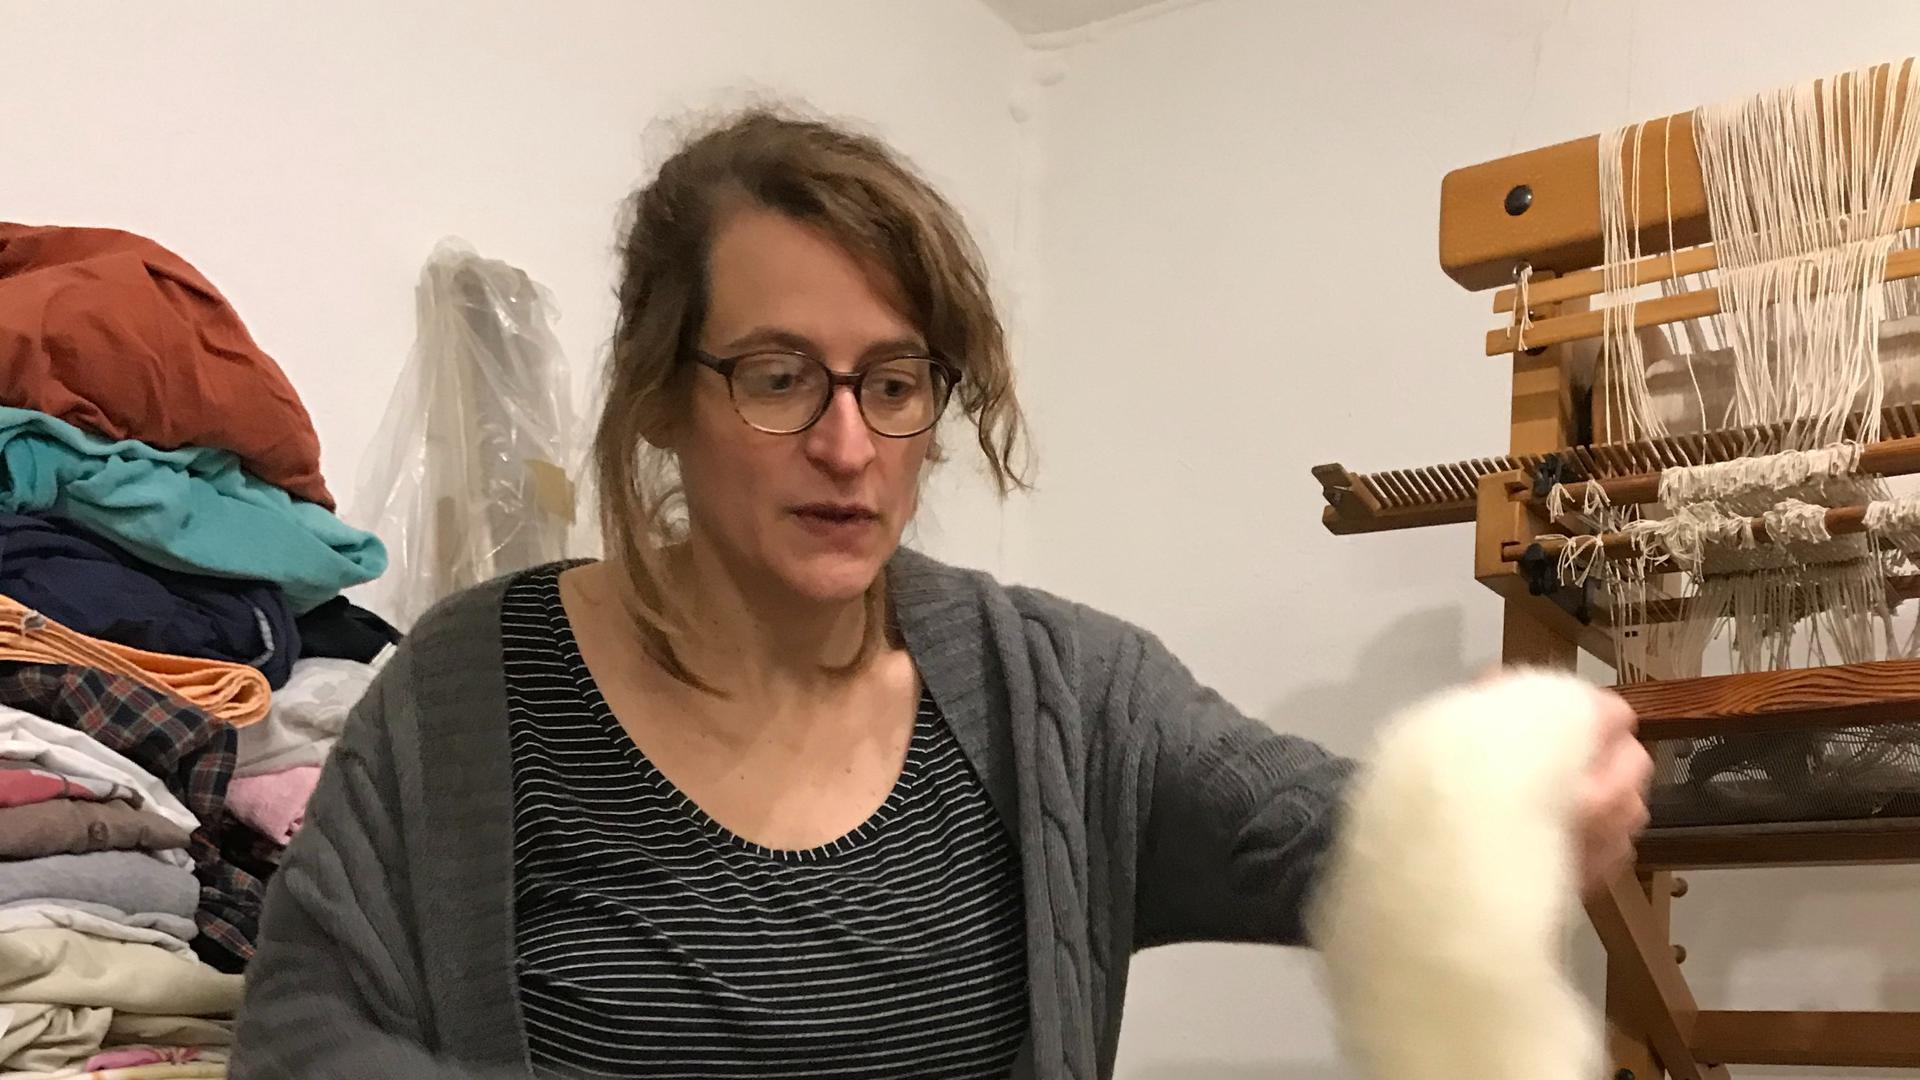 Simone webt im WG-Atelier Teppiche.